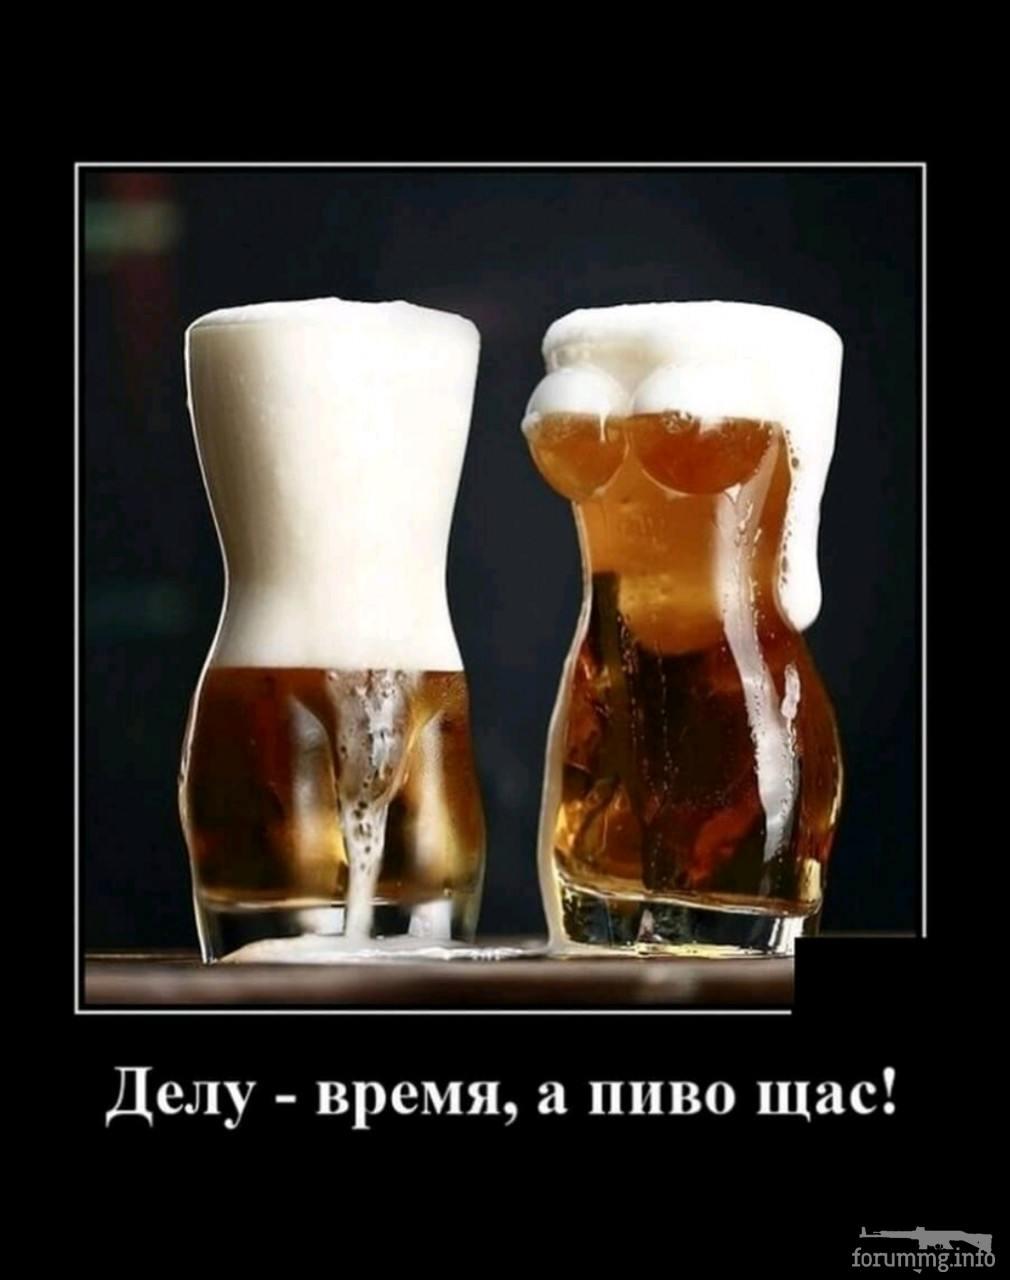 132776 - Пить или не пить? - пятничная алкогольная тема )))